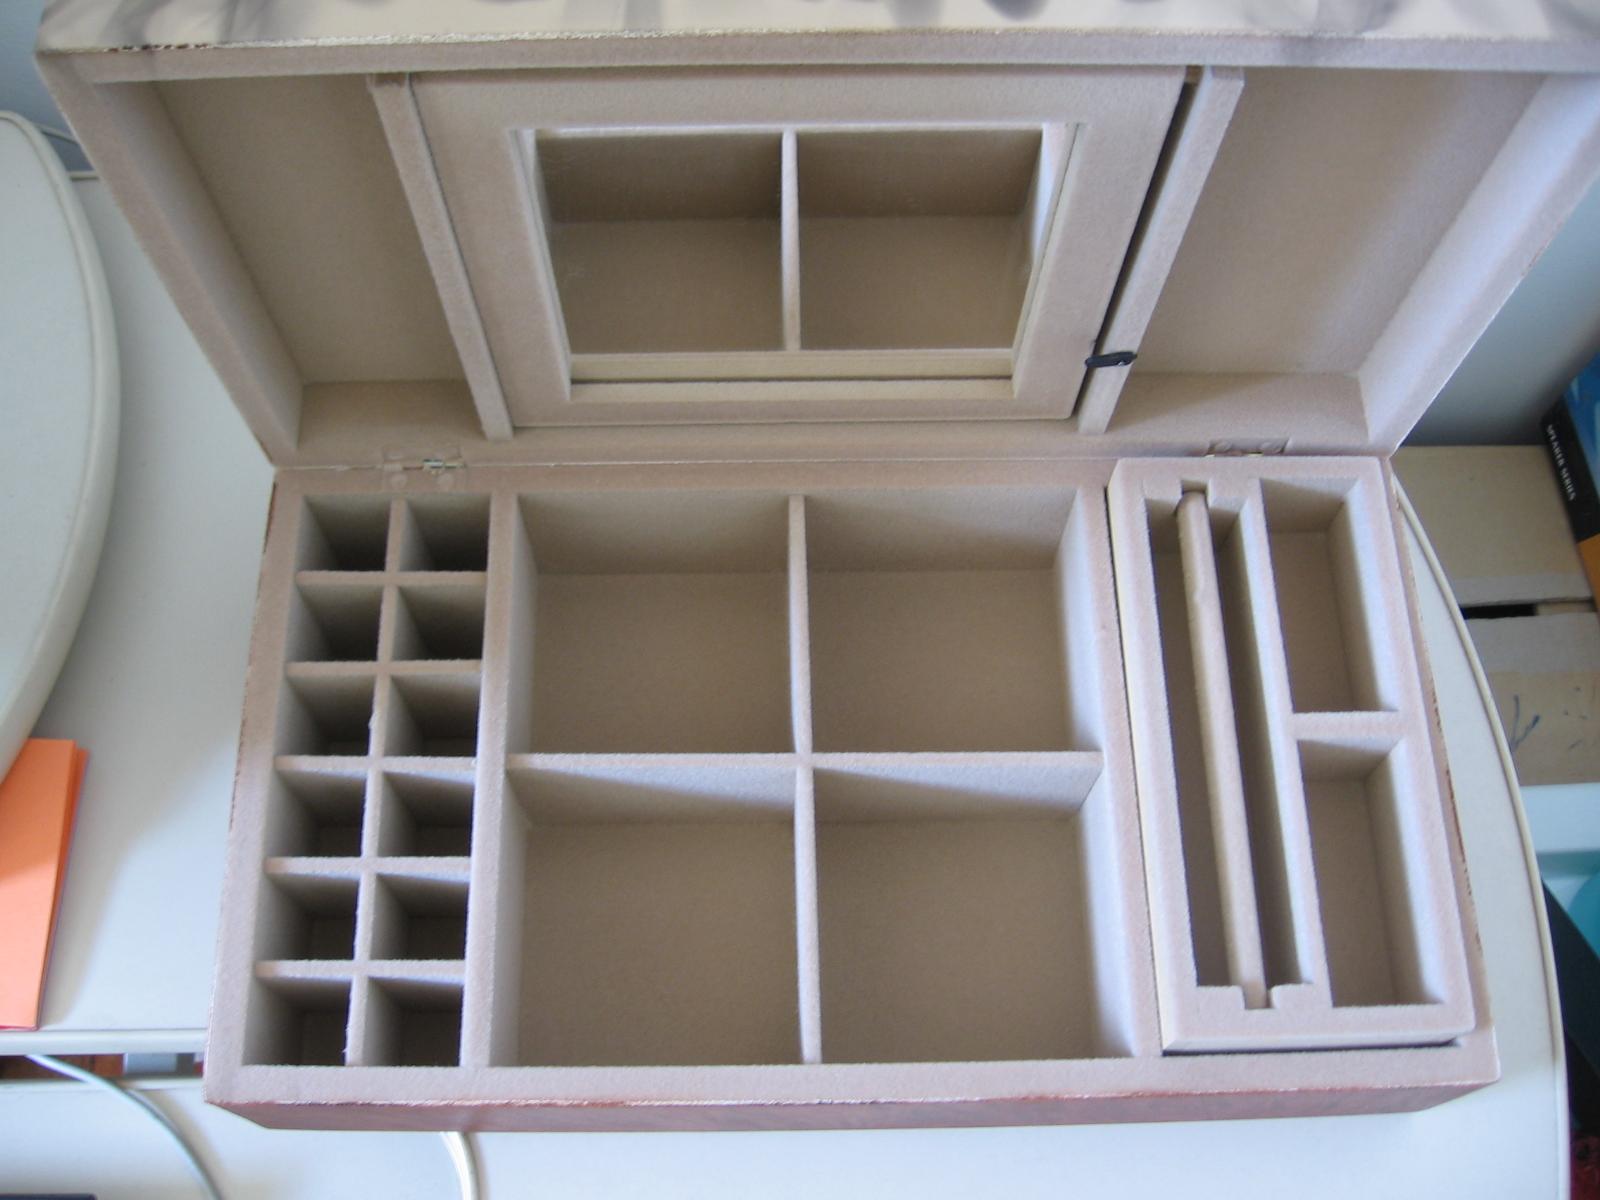 Maktub artesanato e decoração: Caixa de madeira #7D5B4E 1600x1200